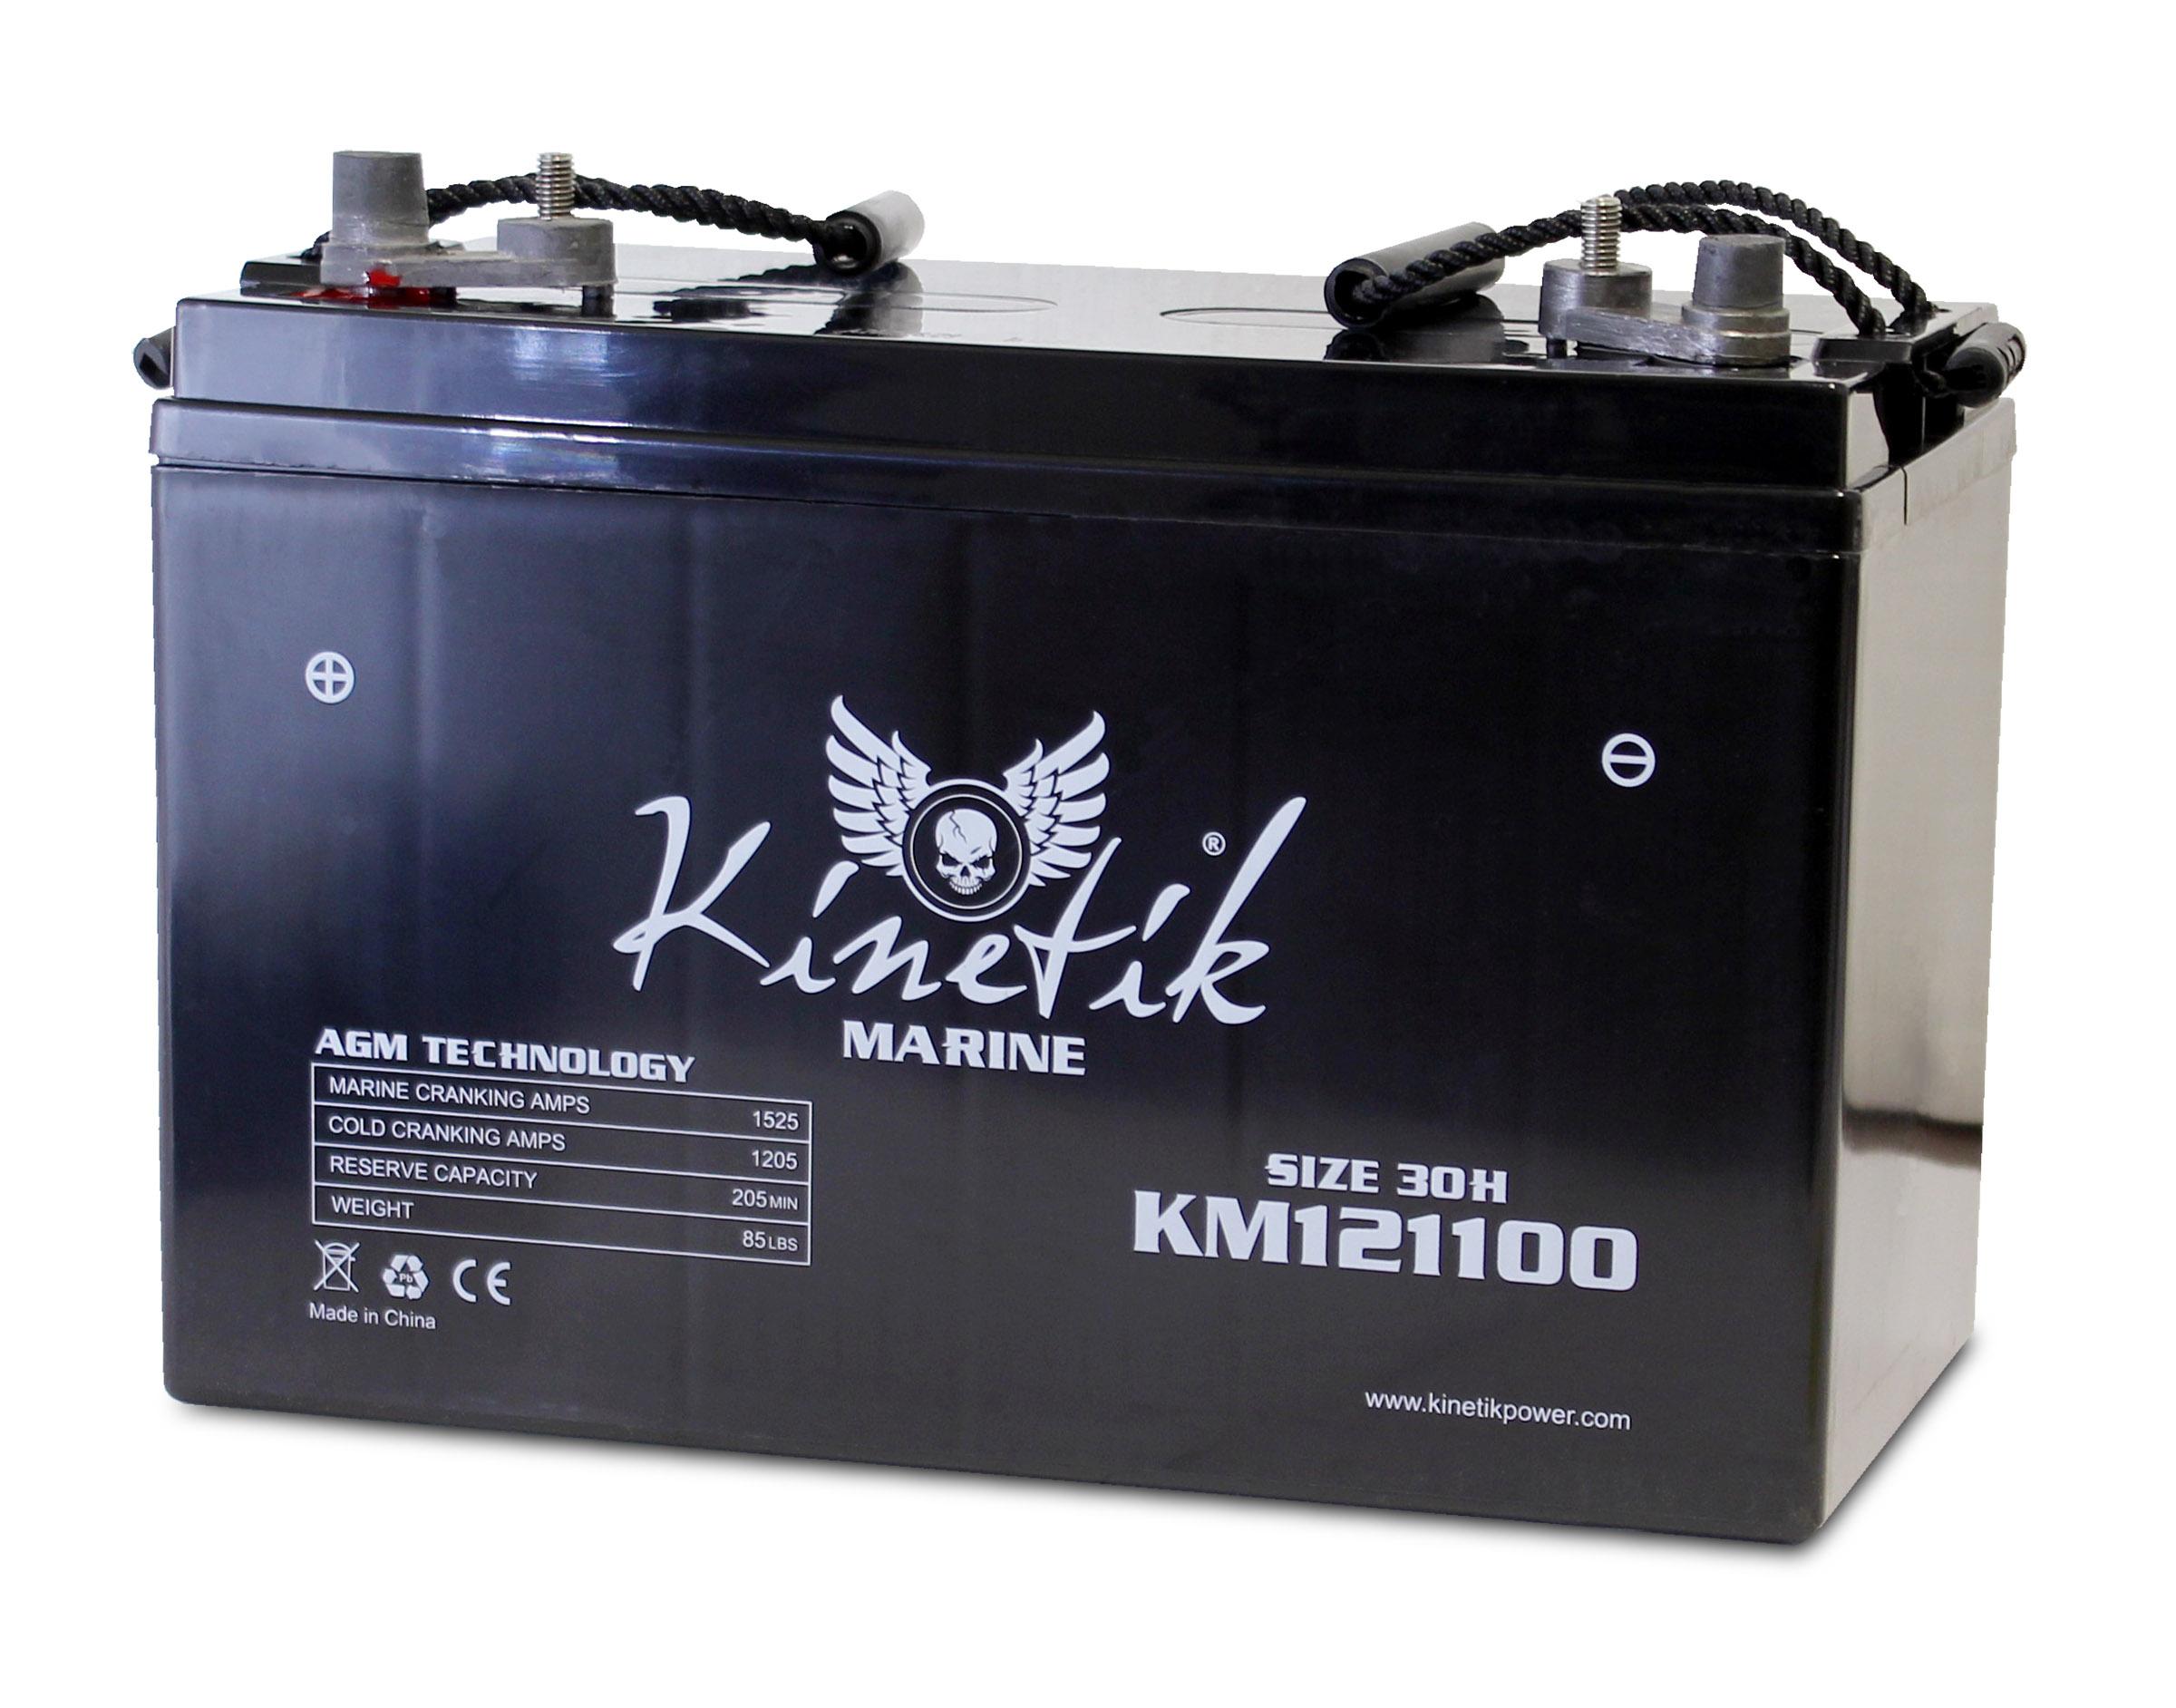 12V 110AH Group 30H Battery for Fishin Barge 22 DLX Pontoon